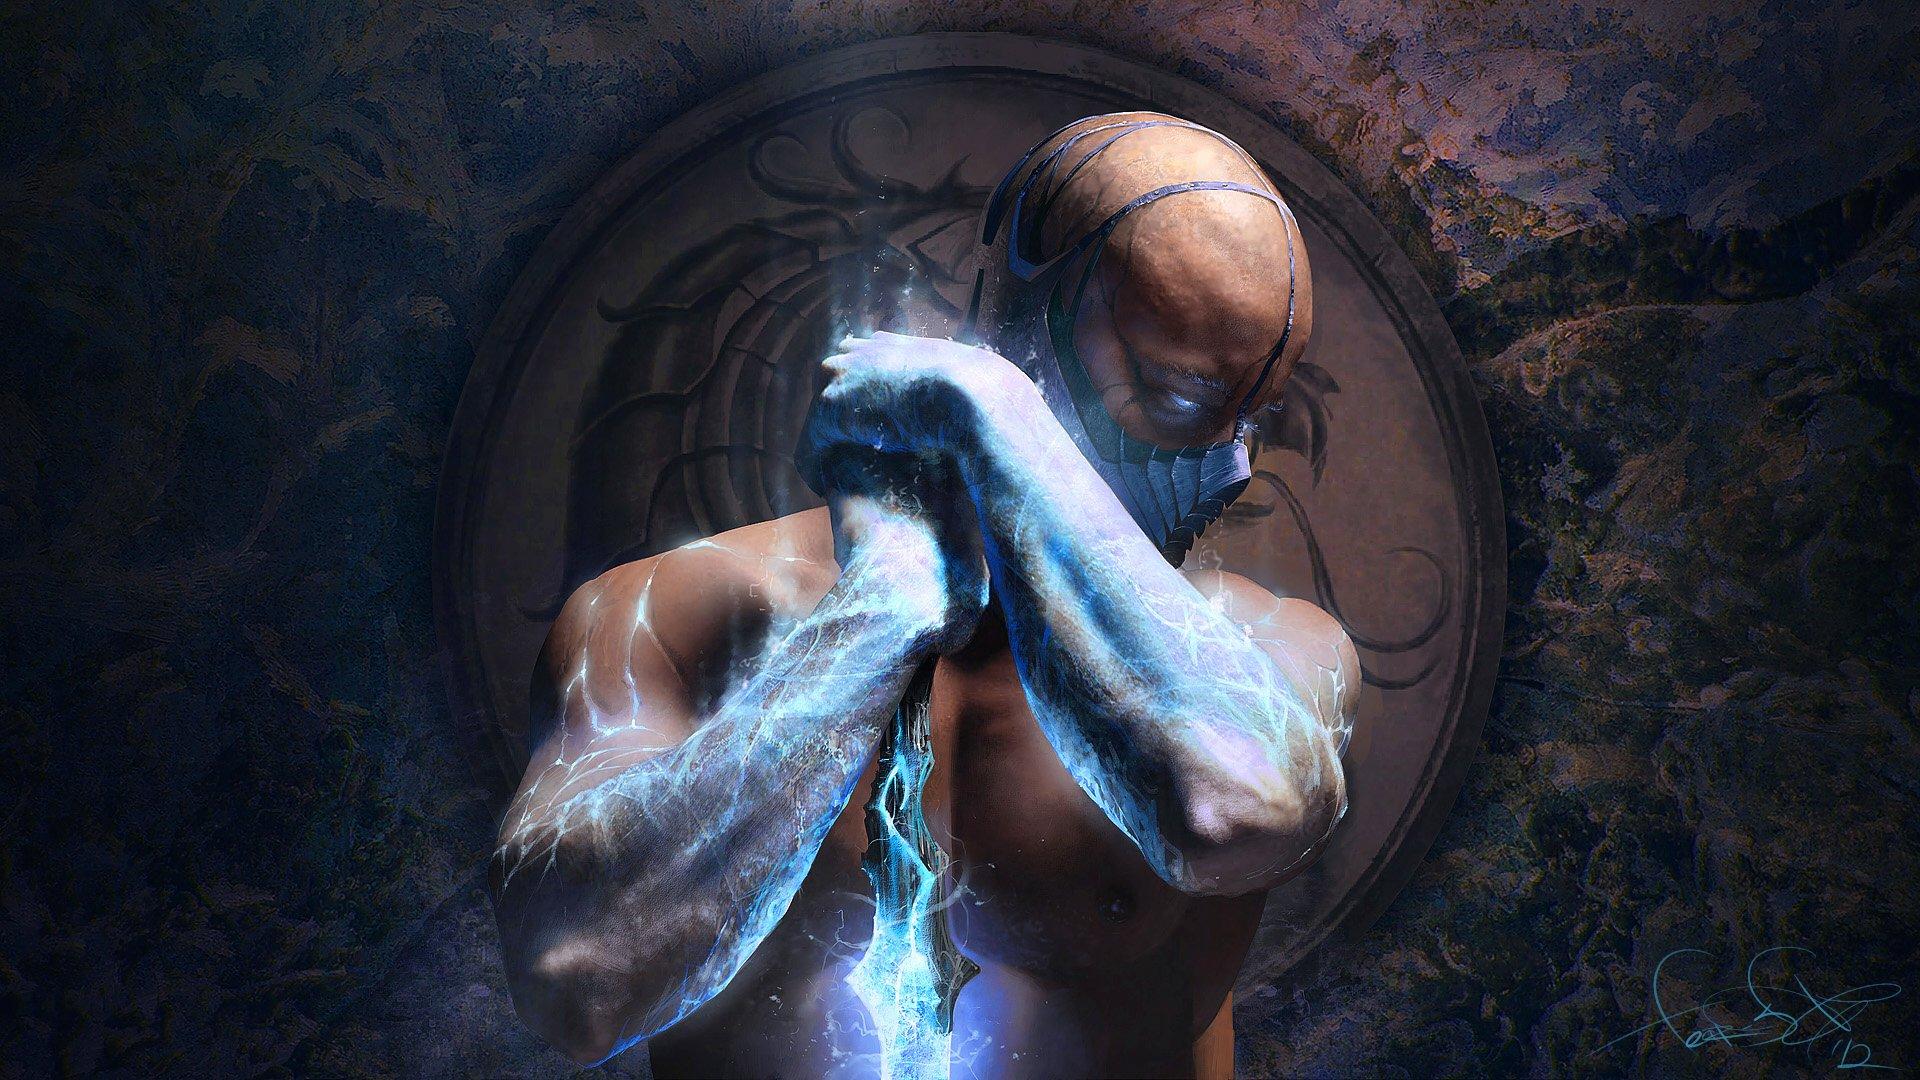 Art-Подборка Mortal Кombat. - Изображение 5